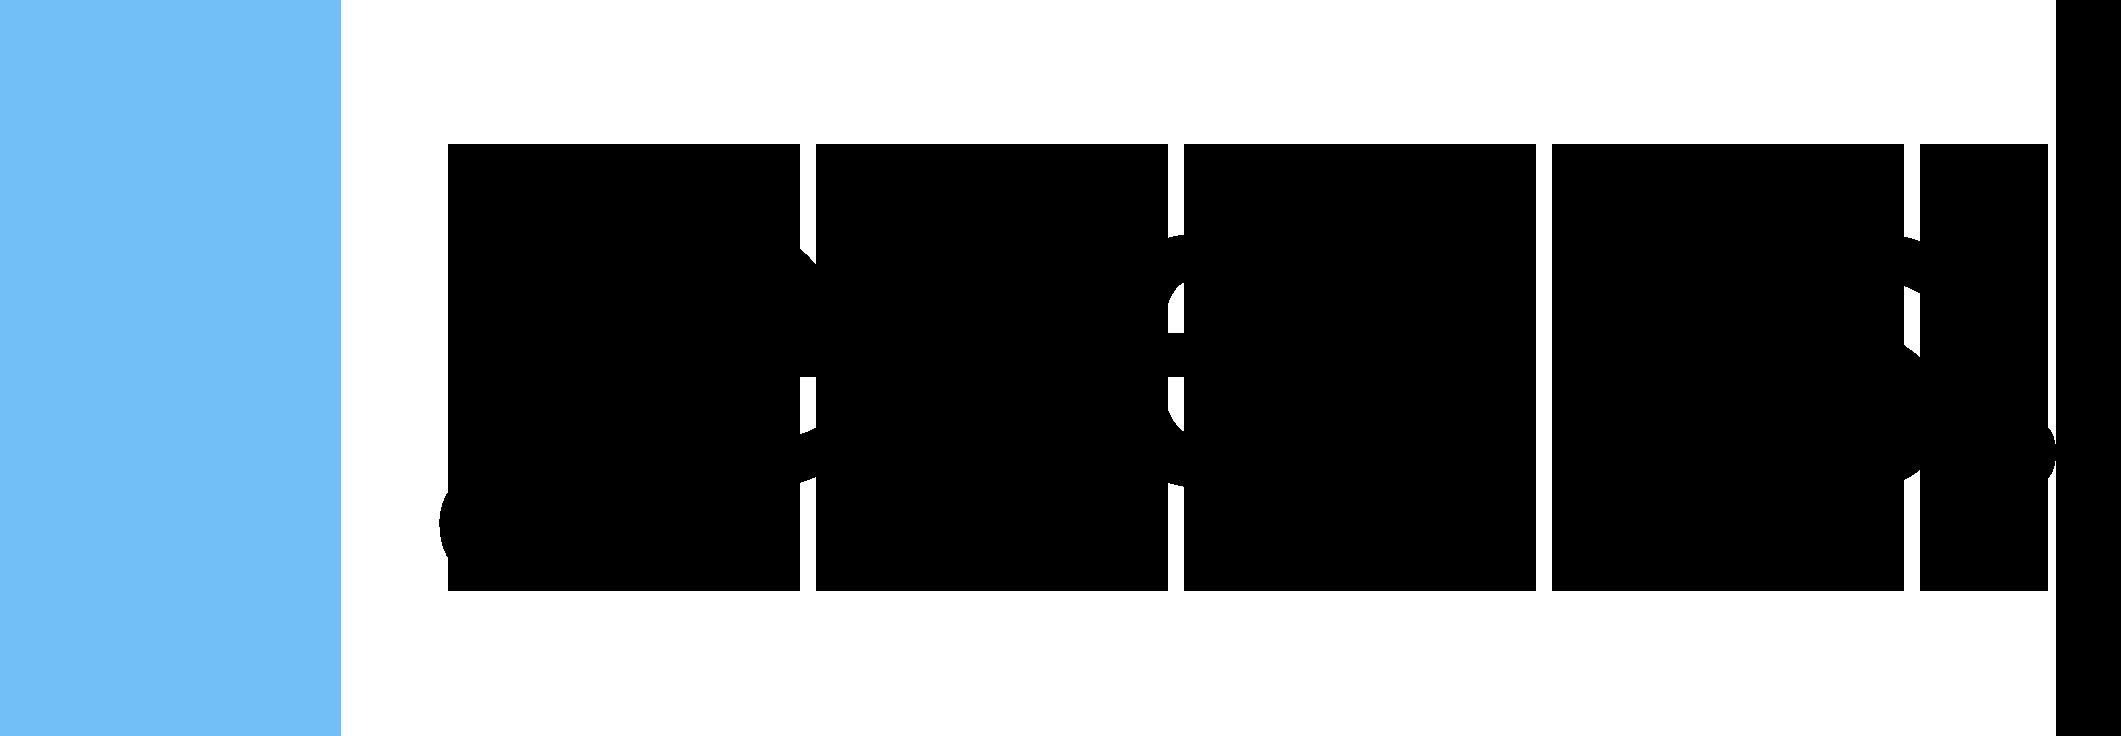 gene-ius_period-no-tm-2121px-wide.png